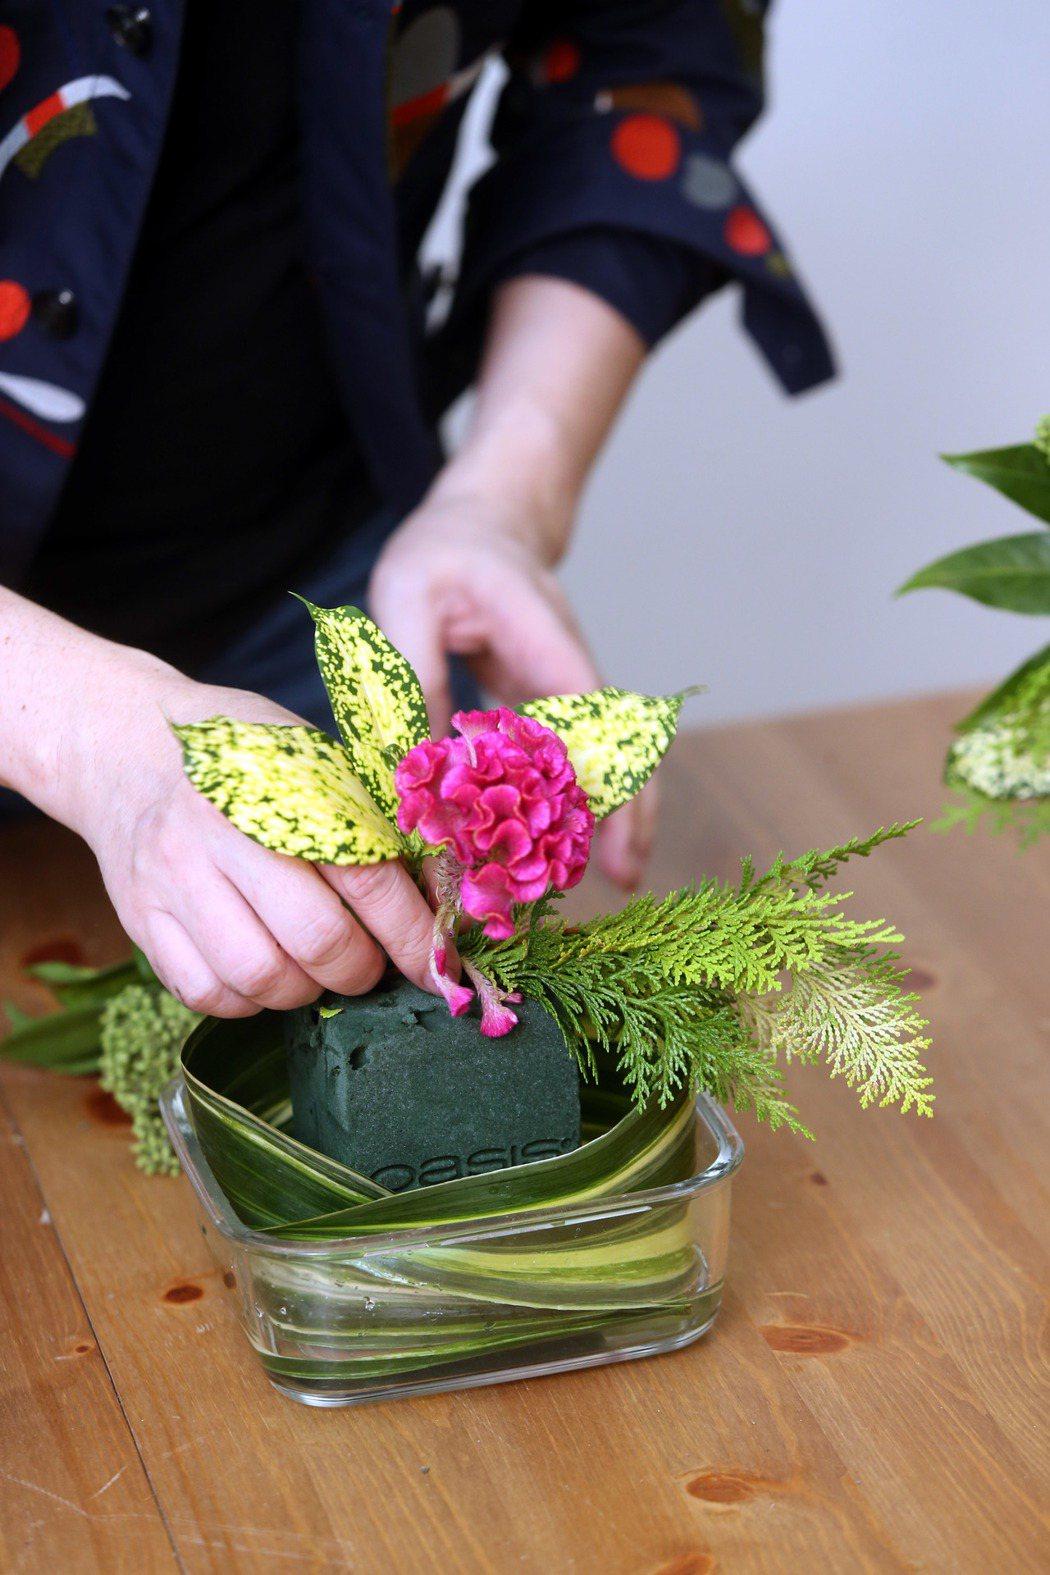 李明川用保鮮盒插花,移置花朵。記者邱德祥/攝影